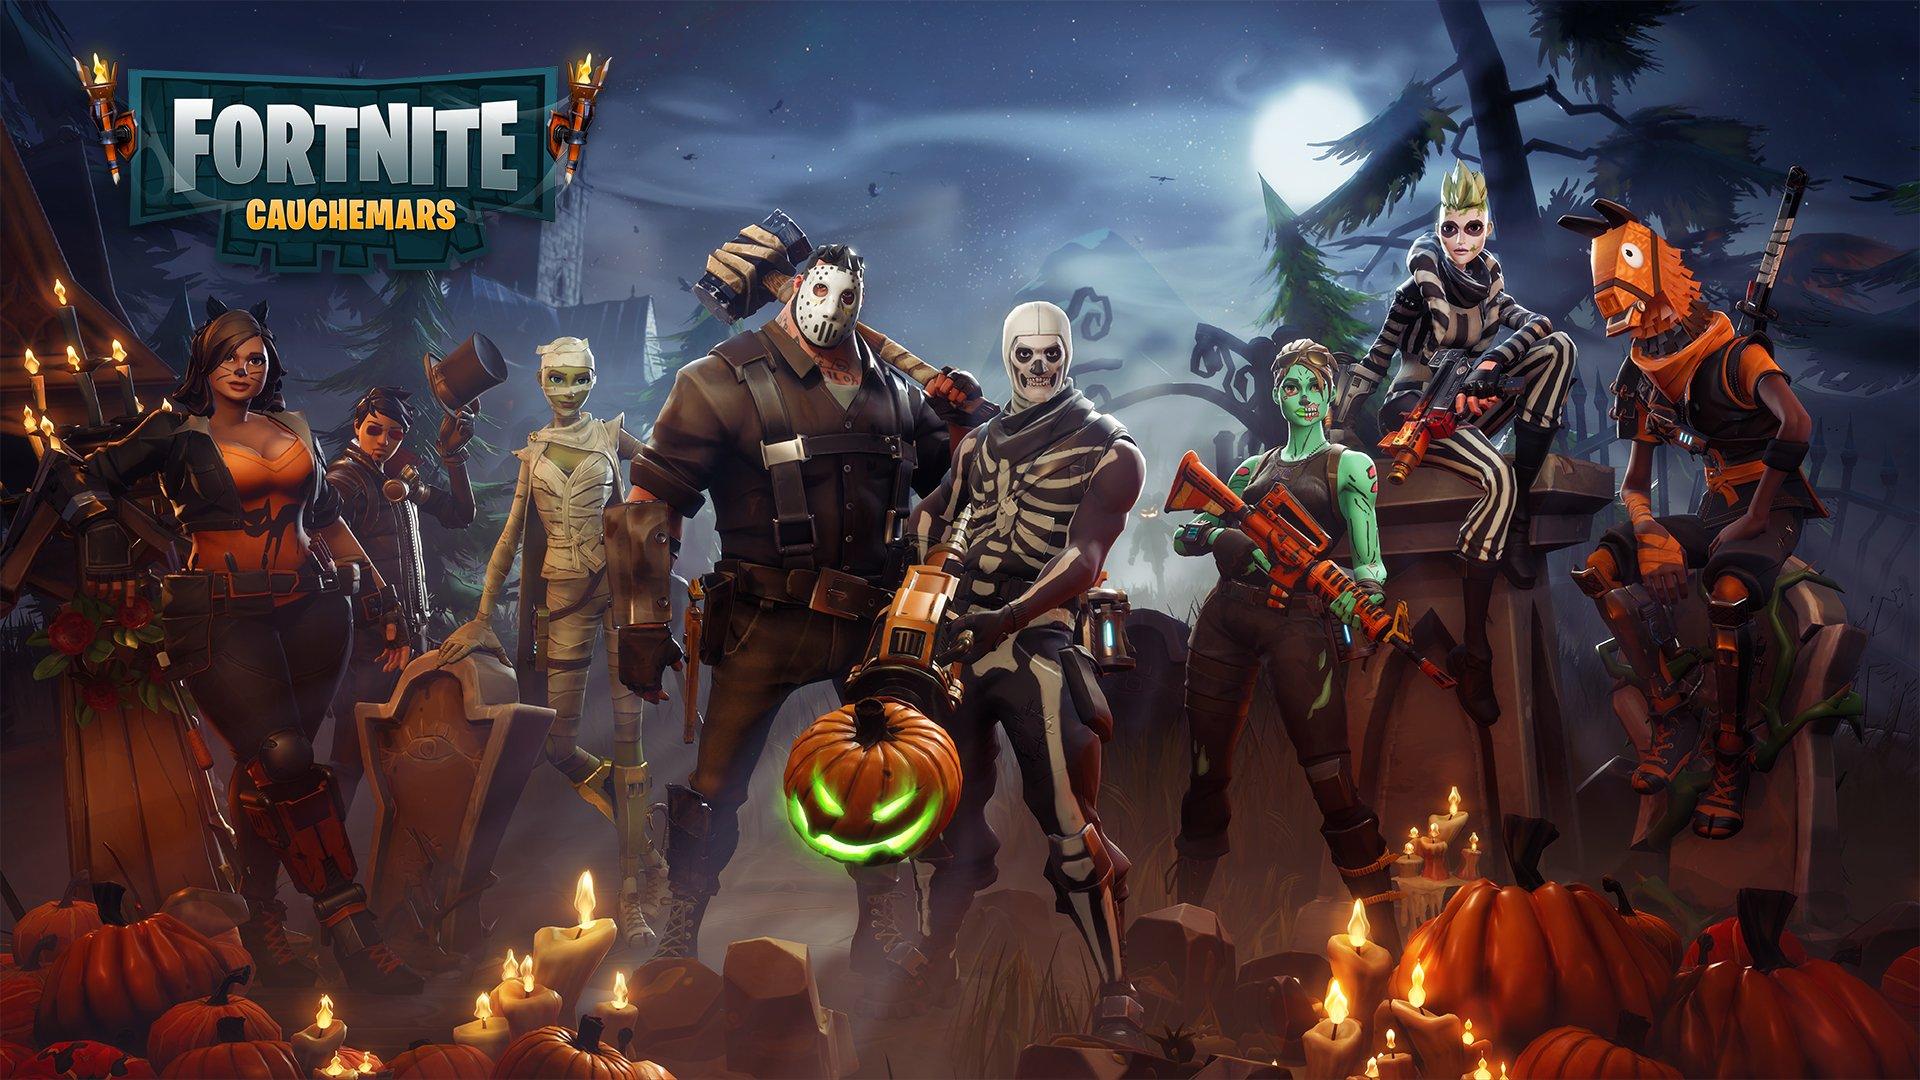 Fortnite Wallpaper Halloween